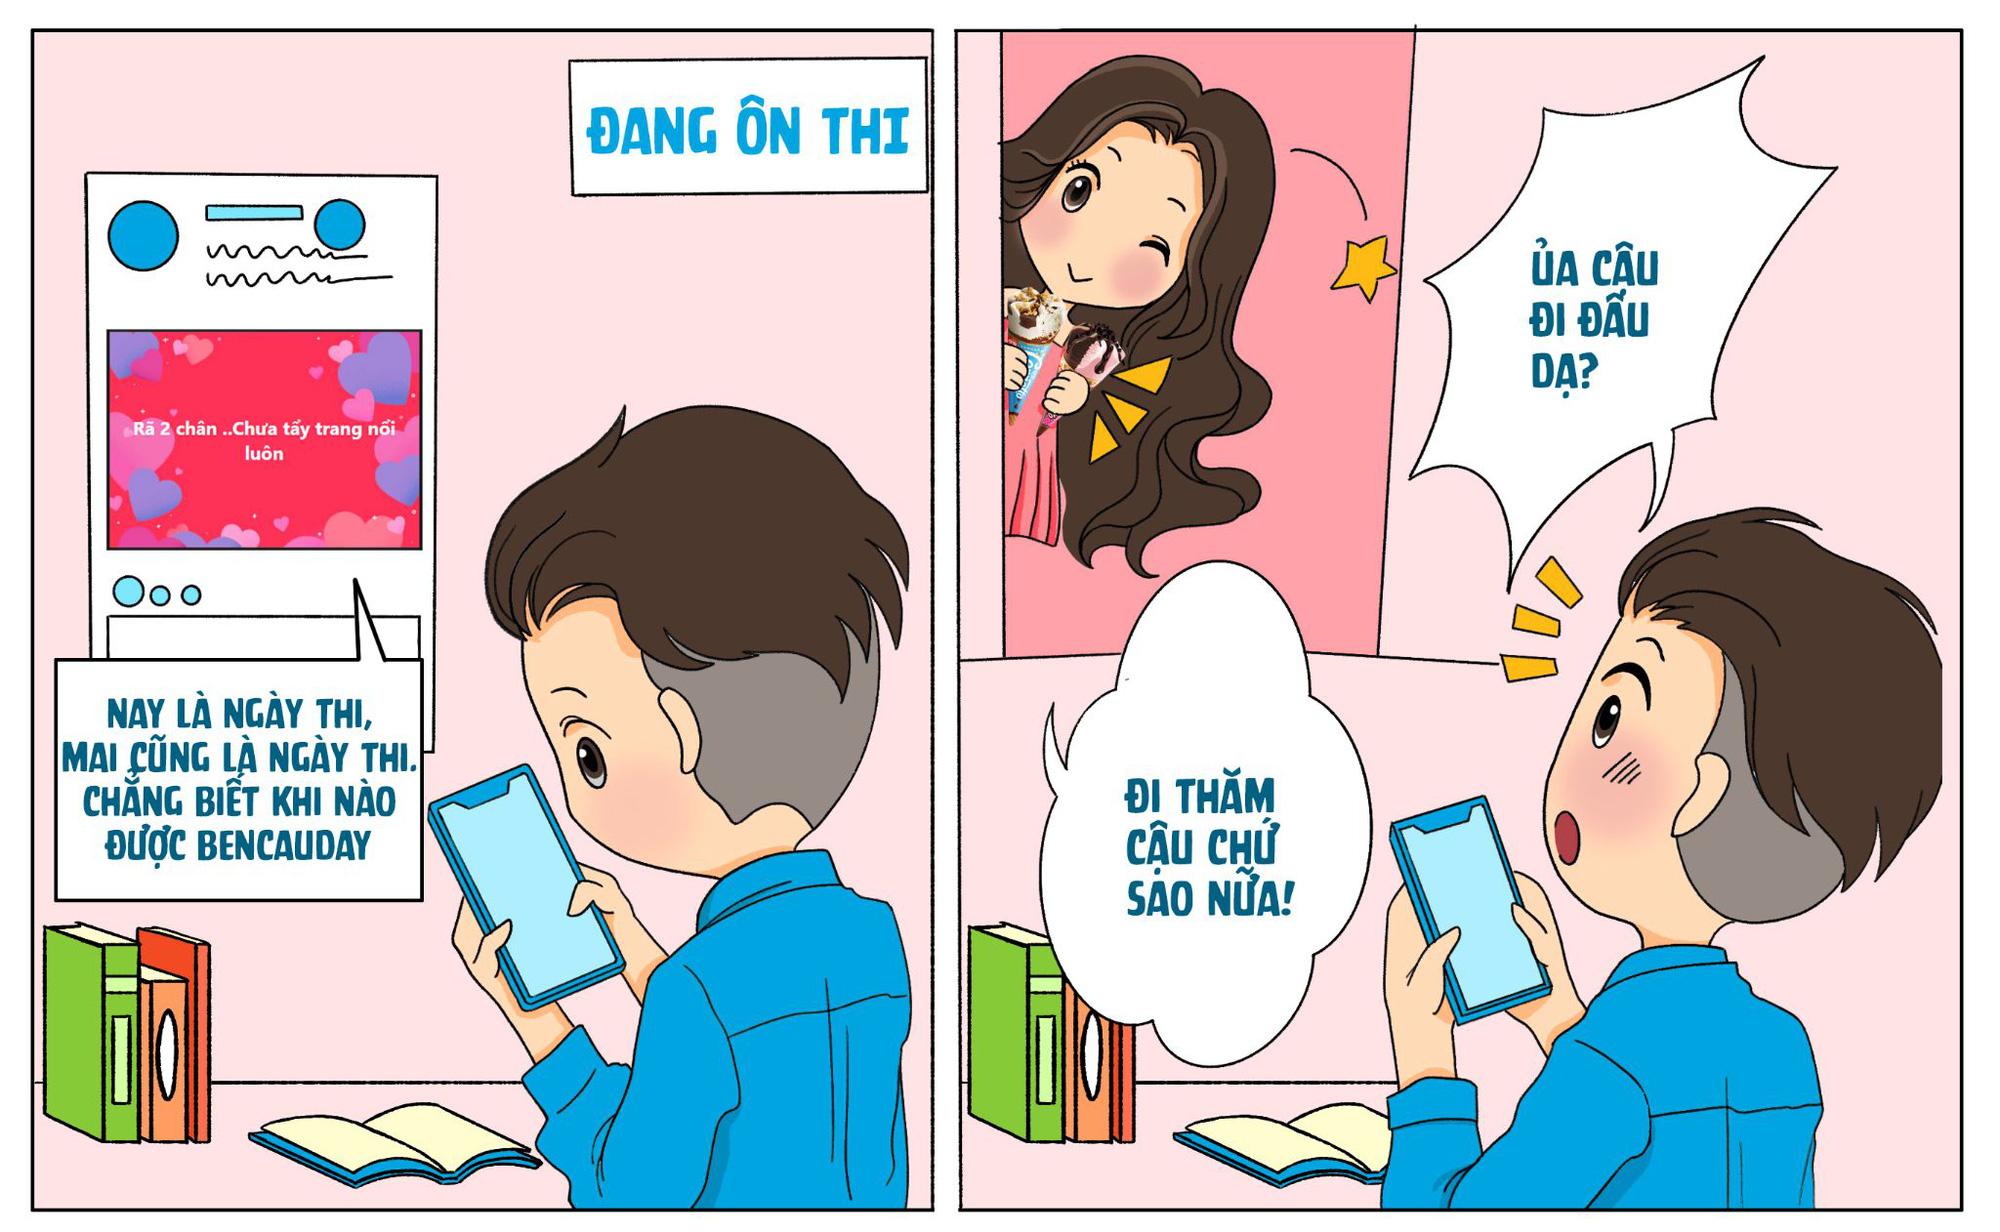 Loạt công thức tán crush mặn mà xứng đáng được xuất bản truyện tranh - Ảnh 1.